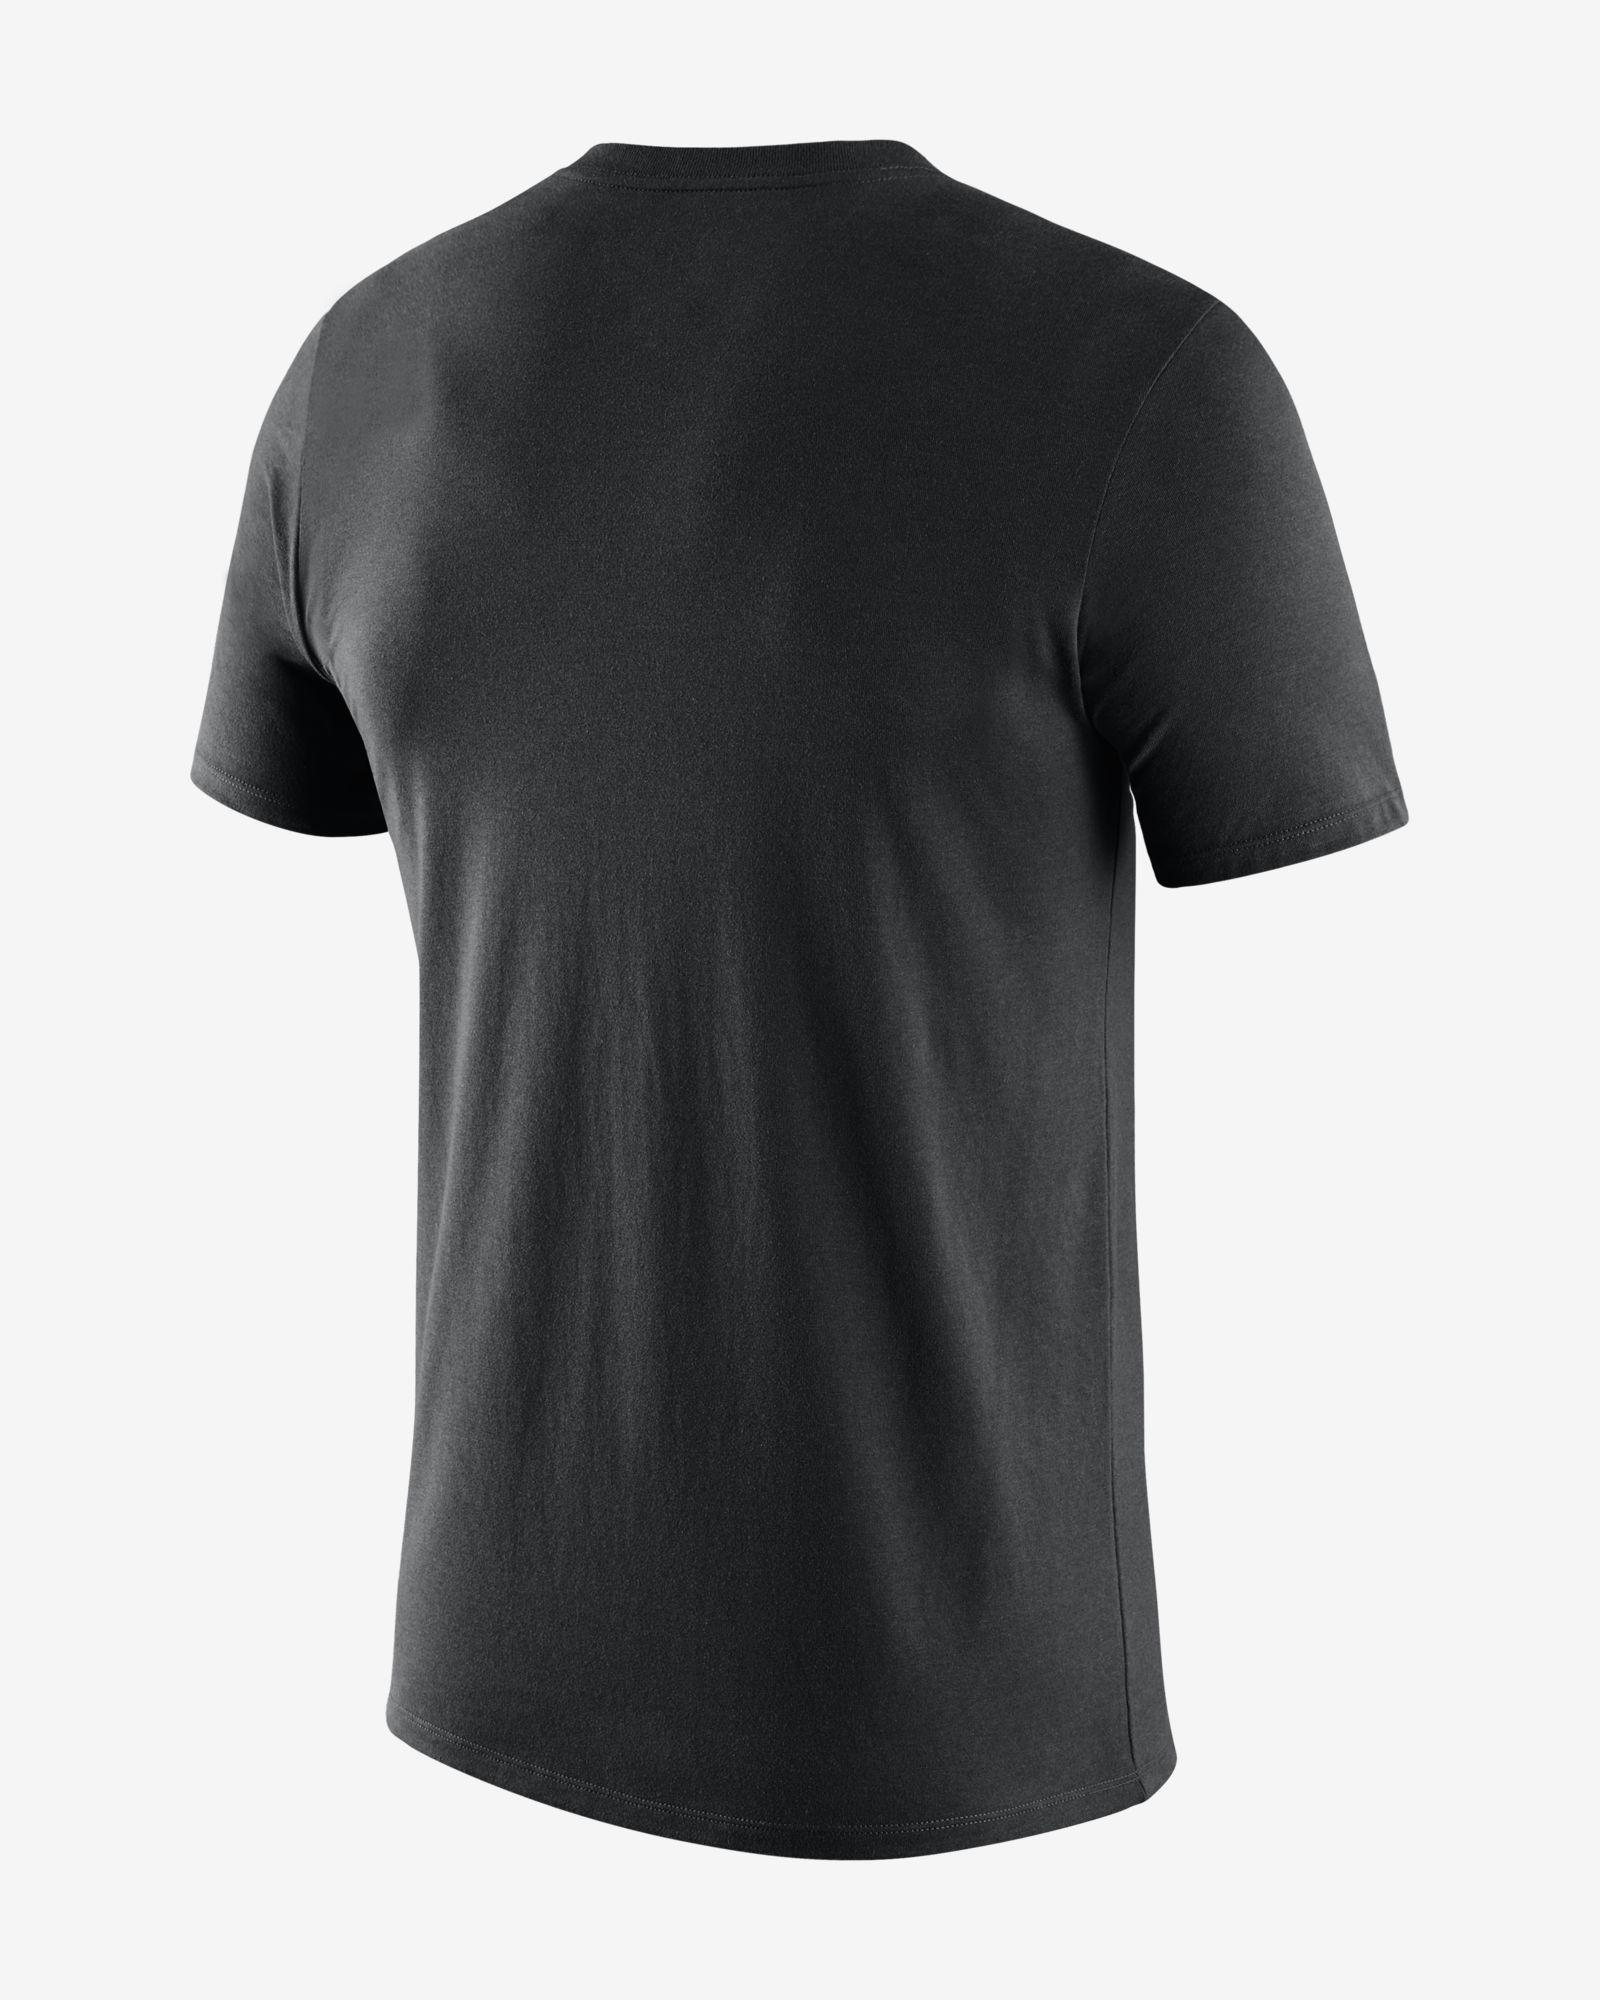 1d93865d5 Nike NBA Boston Celtics Kyrie Irving Dri-FIT T-Shirt - NBA Shop ...